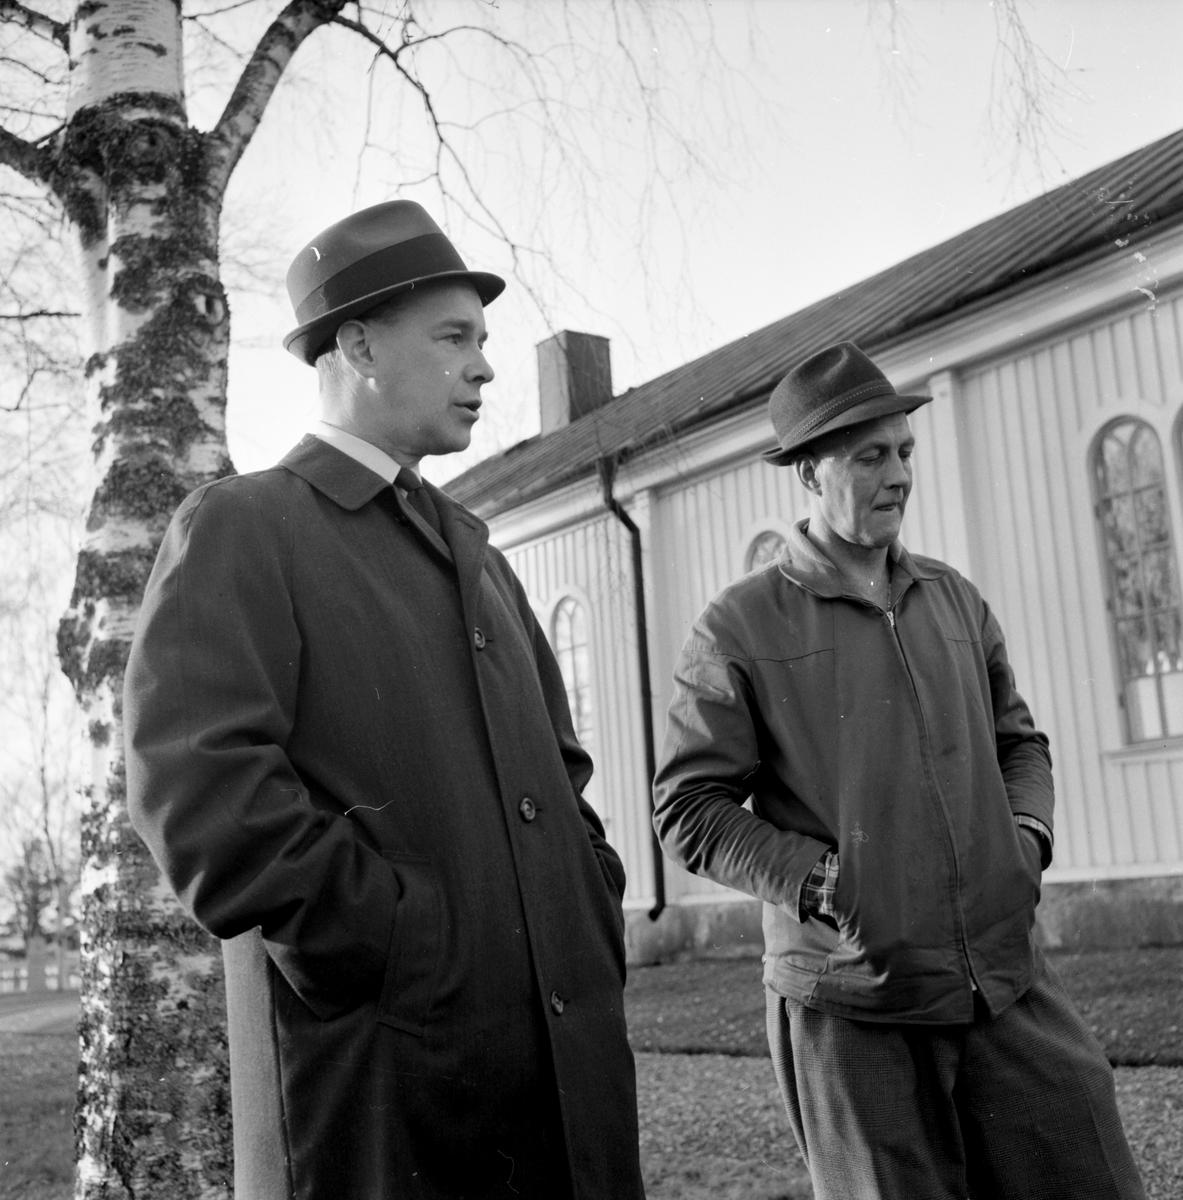 Lingbo Kyrkan, Pastor Almgren, Vaktm. Melker Westin, 30 Okt 1964